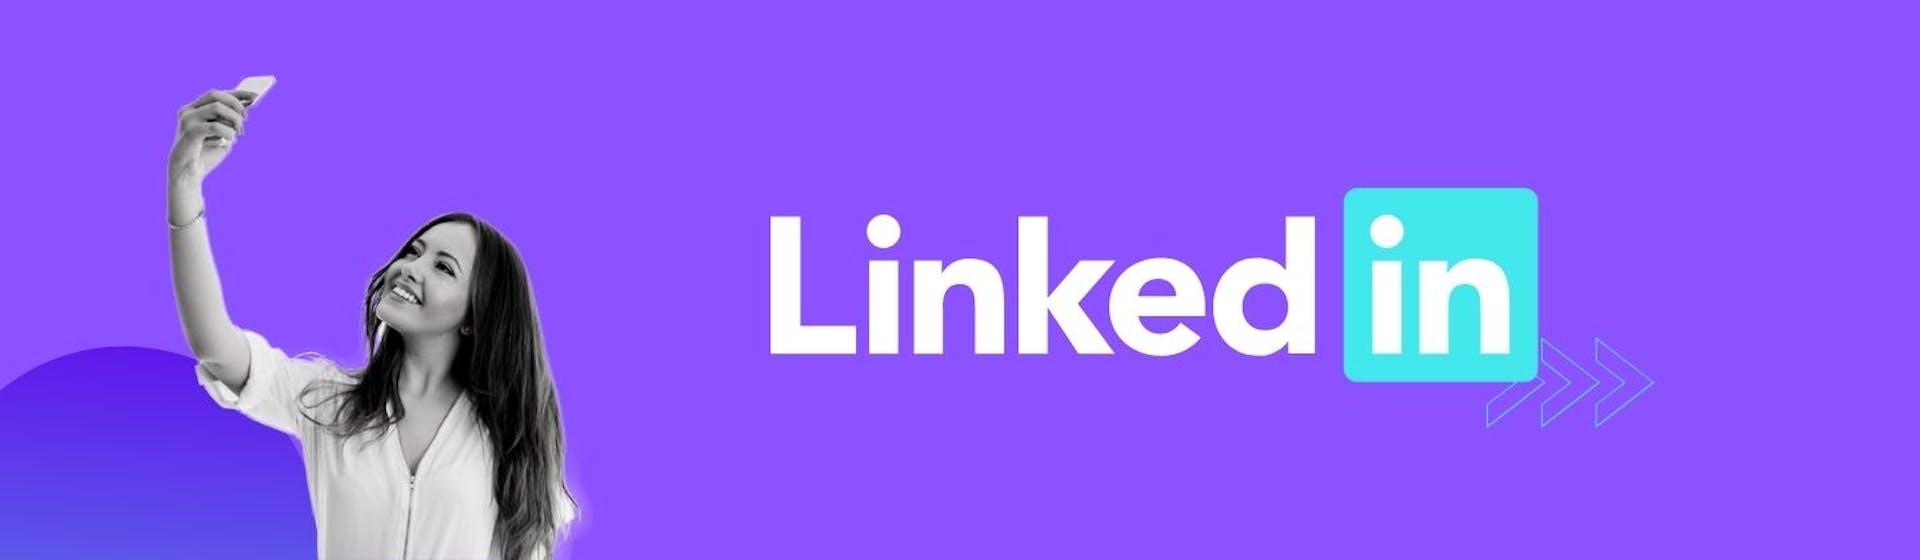 Linkedin lanza su modo creador y apunta a influencers de la comunidad